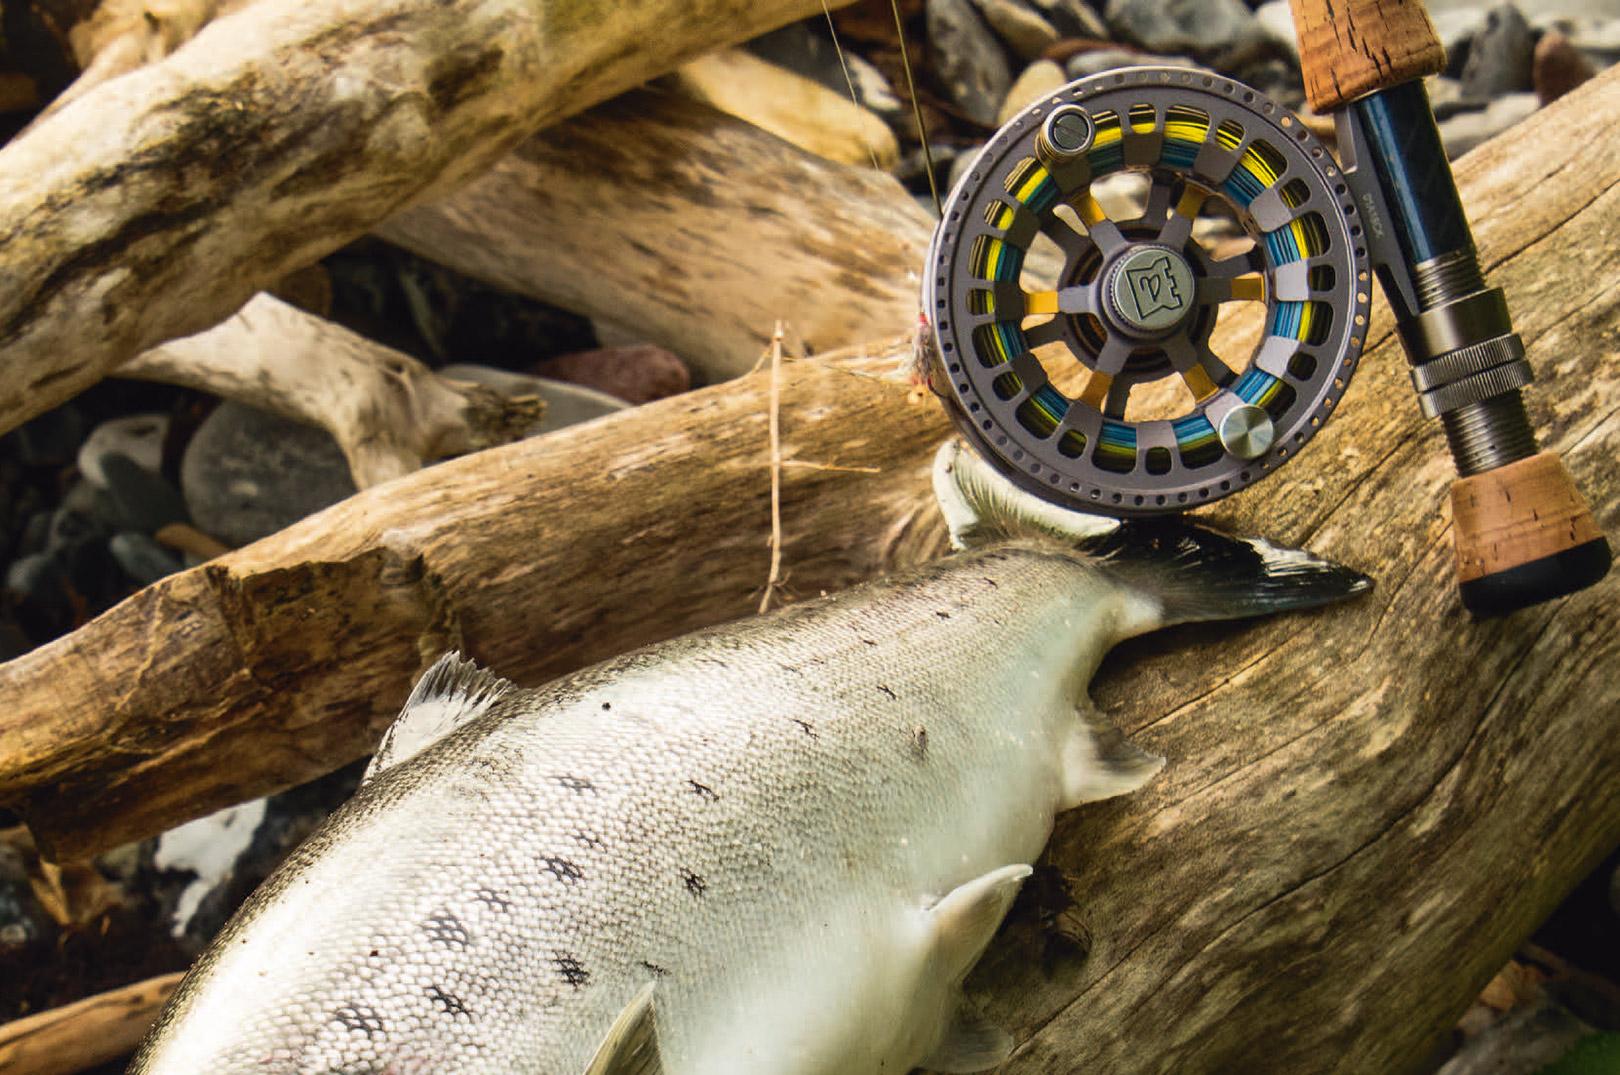 Efterårshavørrederne har smukke proportioner, og i det tidlige efterår møder man flere fisk med et let gyldent skær, der tilføjer havørreden ekstra skønhed.